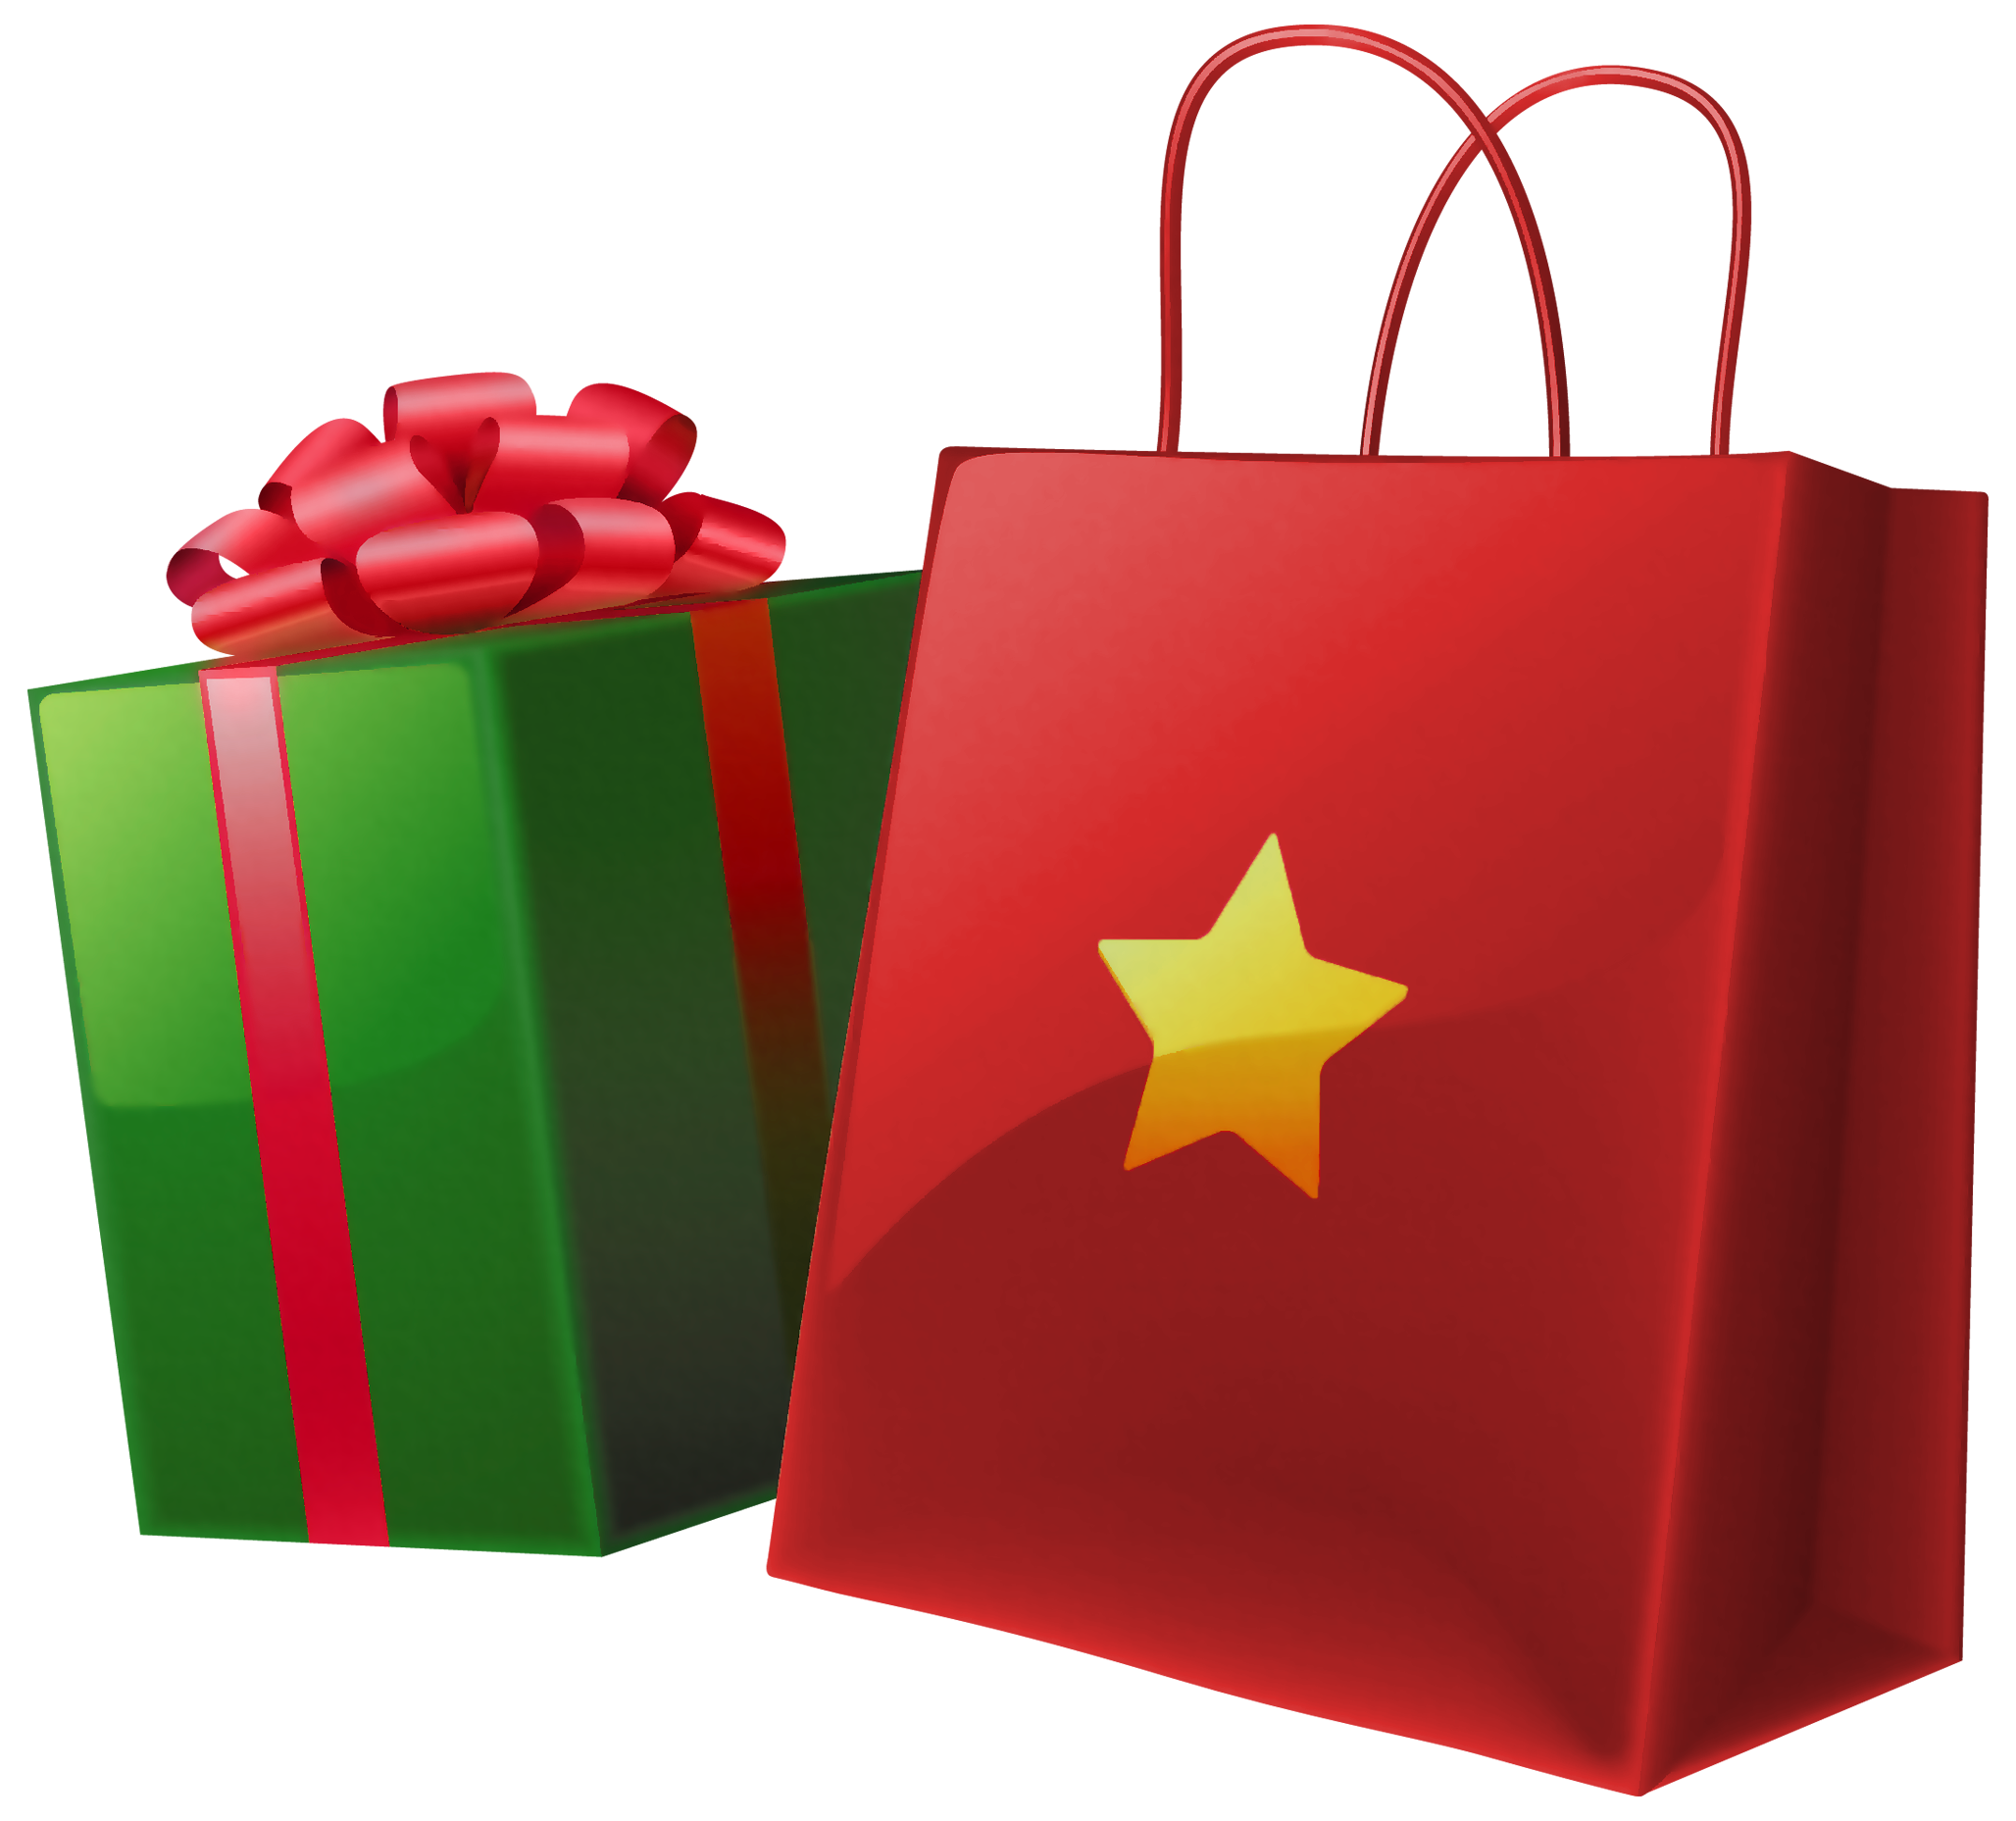 Bag clipart gift. Christmas